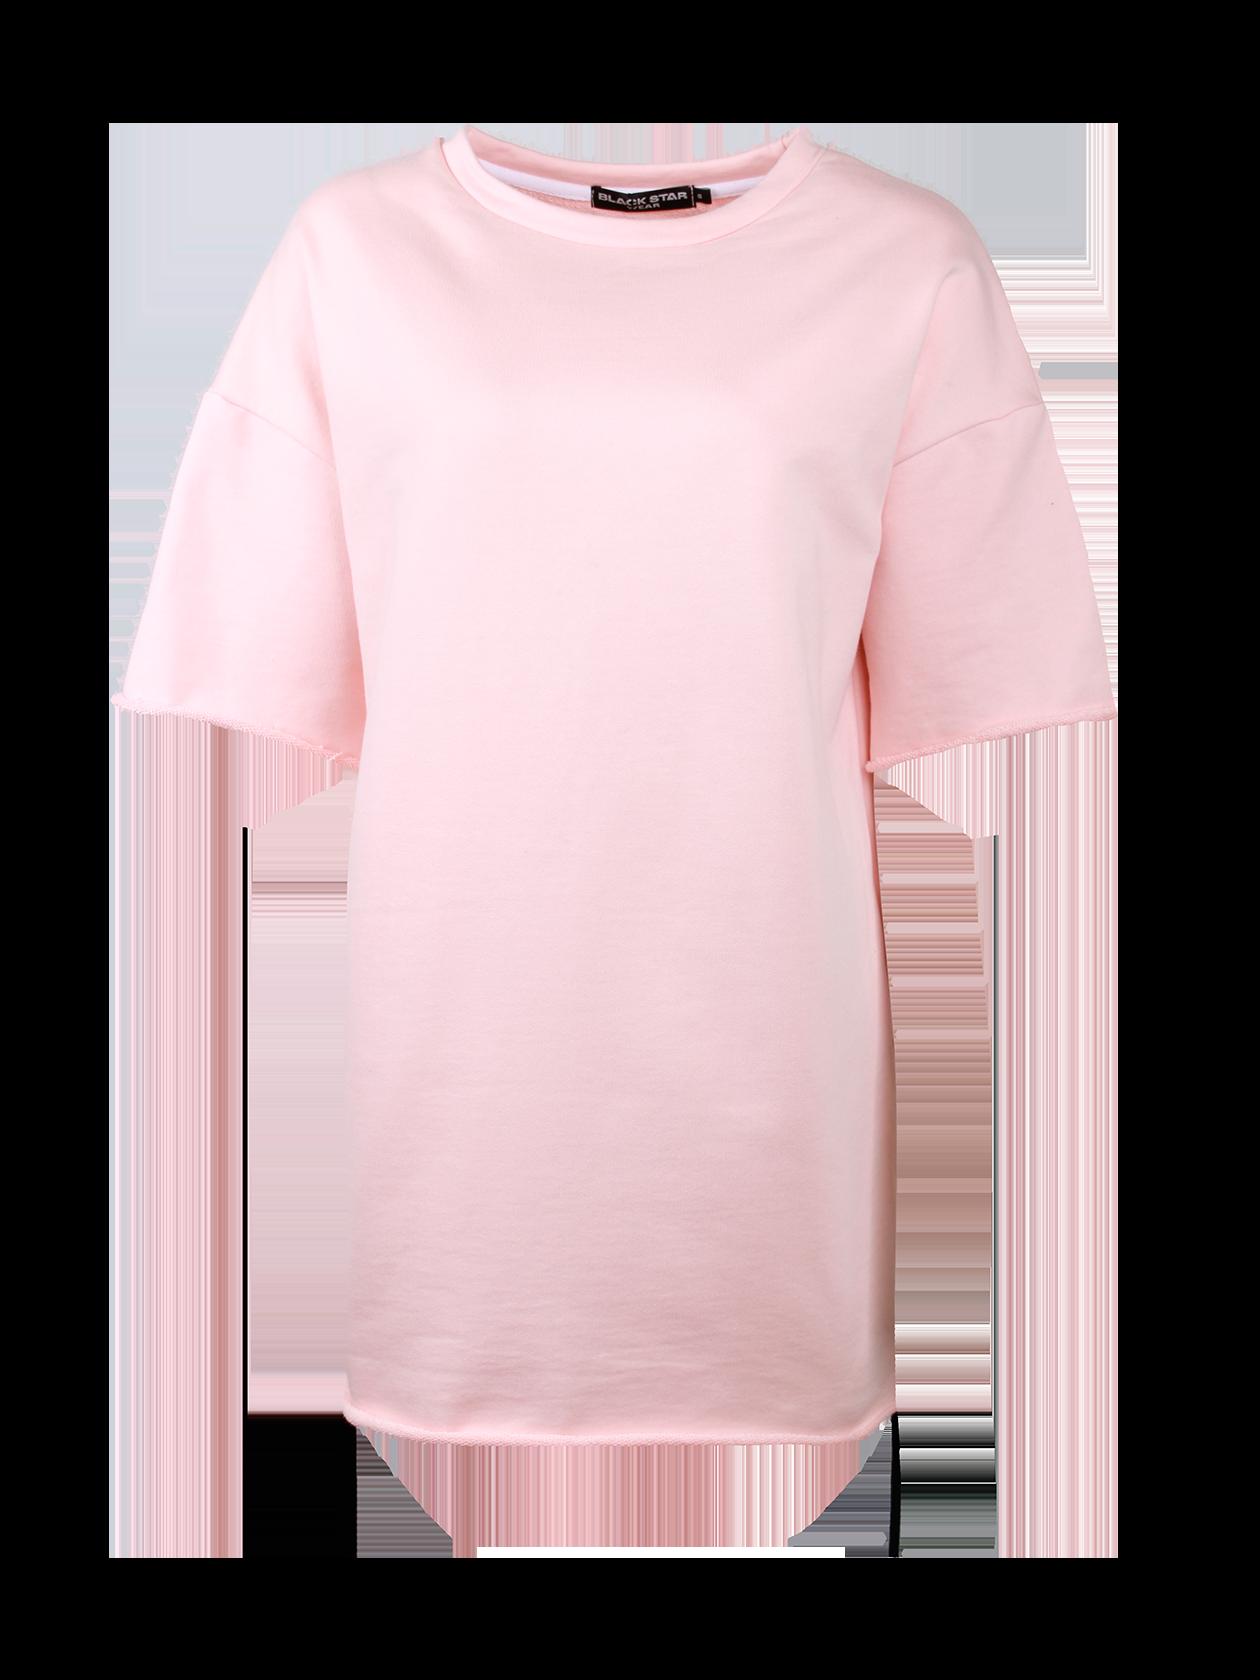 Платье женское HOT SUMMERЭффектное платье женское Hot Summer от бренда Black Star Wear поможет заметно выделиться из толпы. Опущенная линия плеча переходит в широкий рукав длиной до локтя. Крой изделия прямой с оптимальной свободой прилегания. Горловина среднего размера глубины содержит жаккардовую нашивку Black Star Wear. Необычная фишка вещи – спина, состоящая из двух частей, соединенных между собой крупной черной шнуровкой. Платье изготовлено из премиального хлопка, представлено в бледно-розовой и белой расцветке.<br><br>Размер: L<br>Цвет: Розовый<br>Пол: Женский